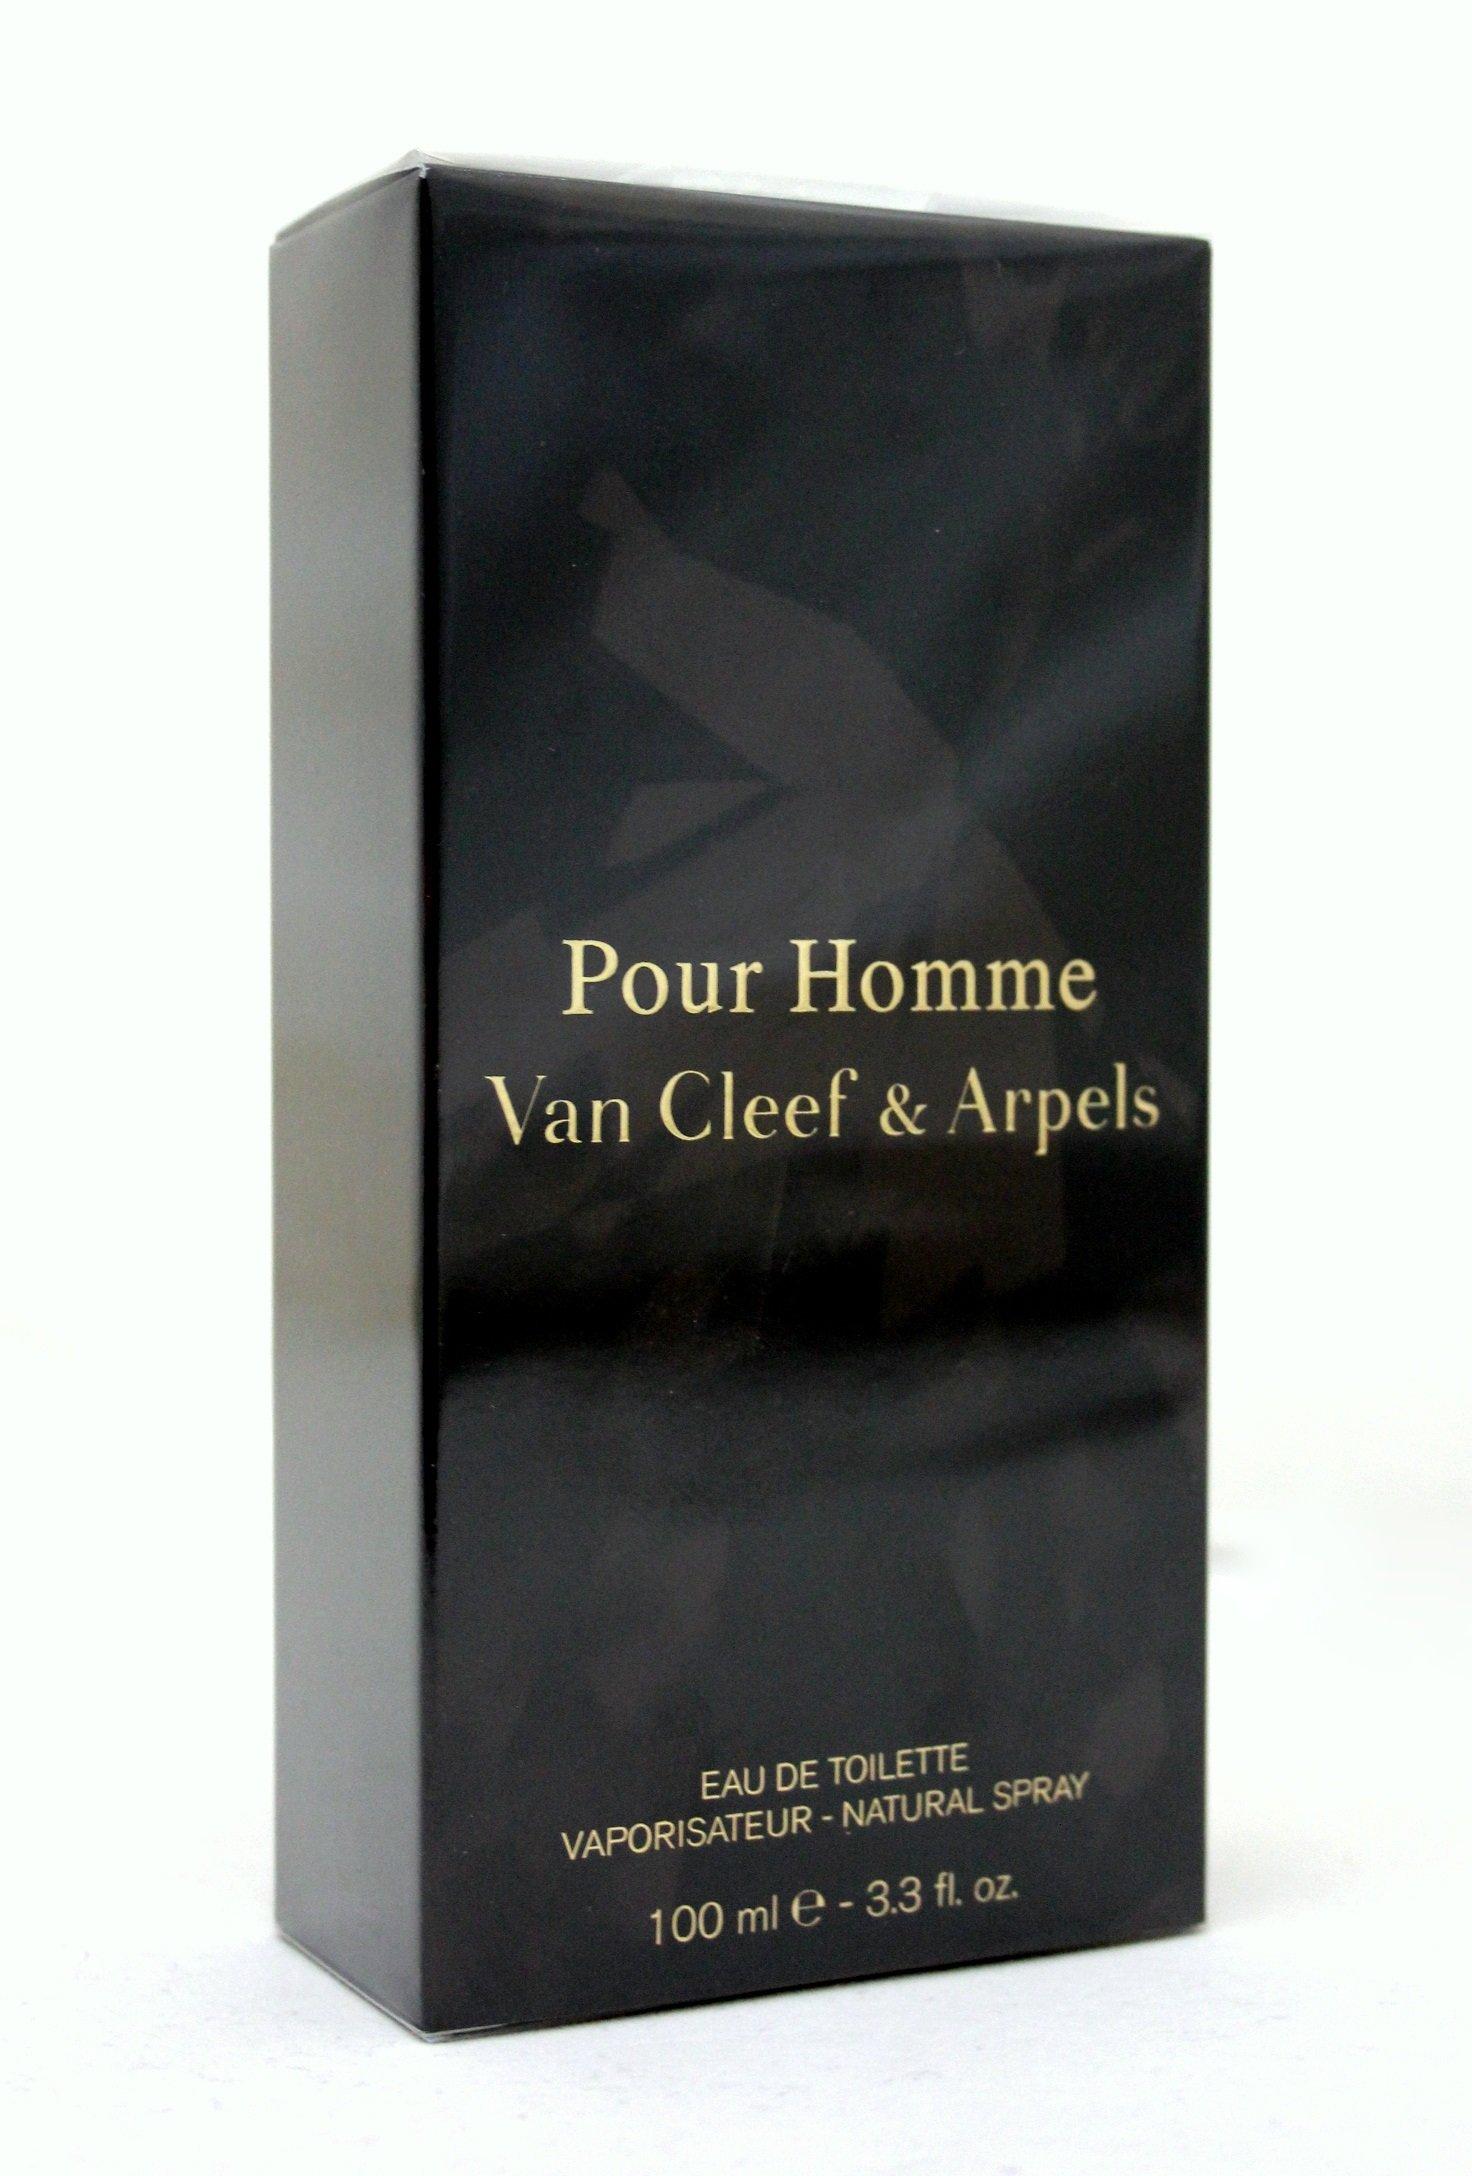 Van Cleef & Arpels Van Cleef & Arpels Pour Homme Eau de Toilette